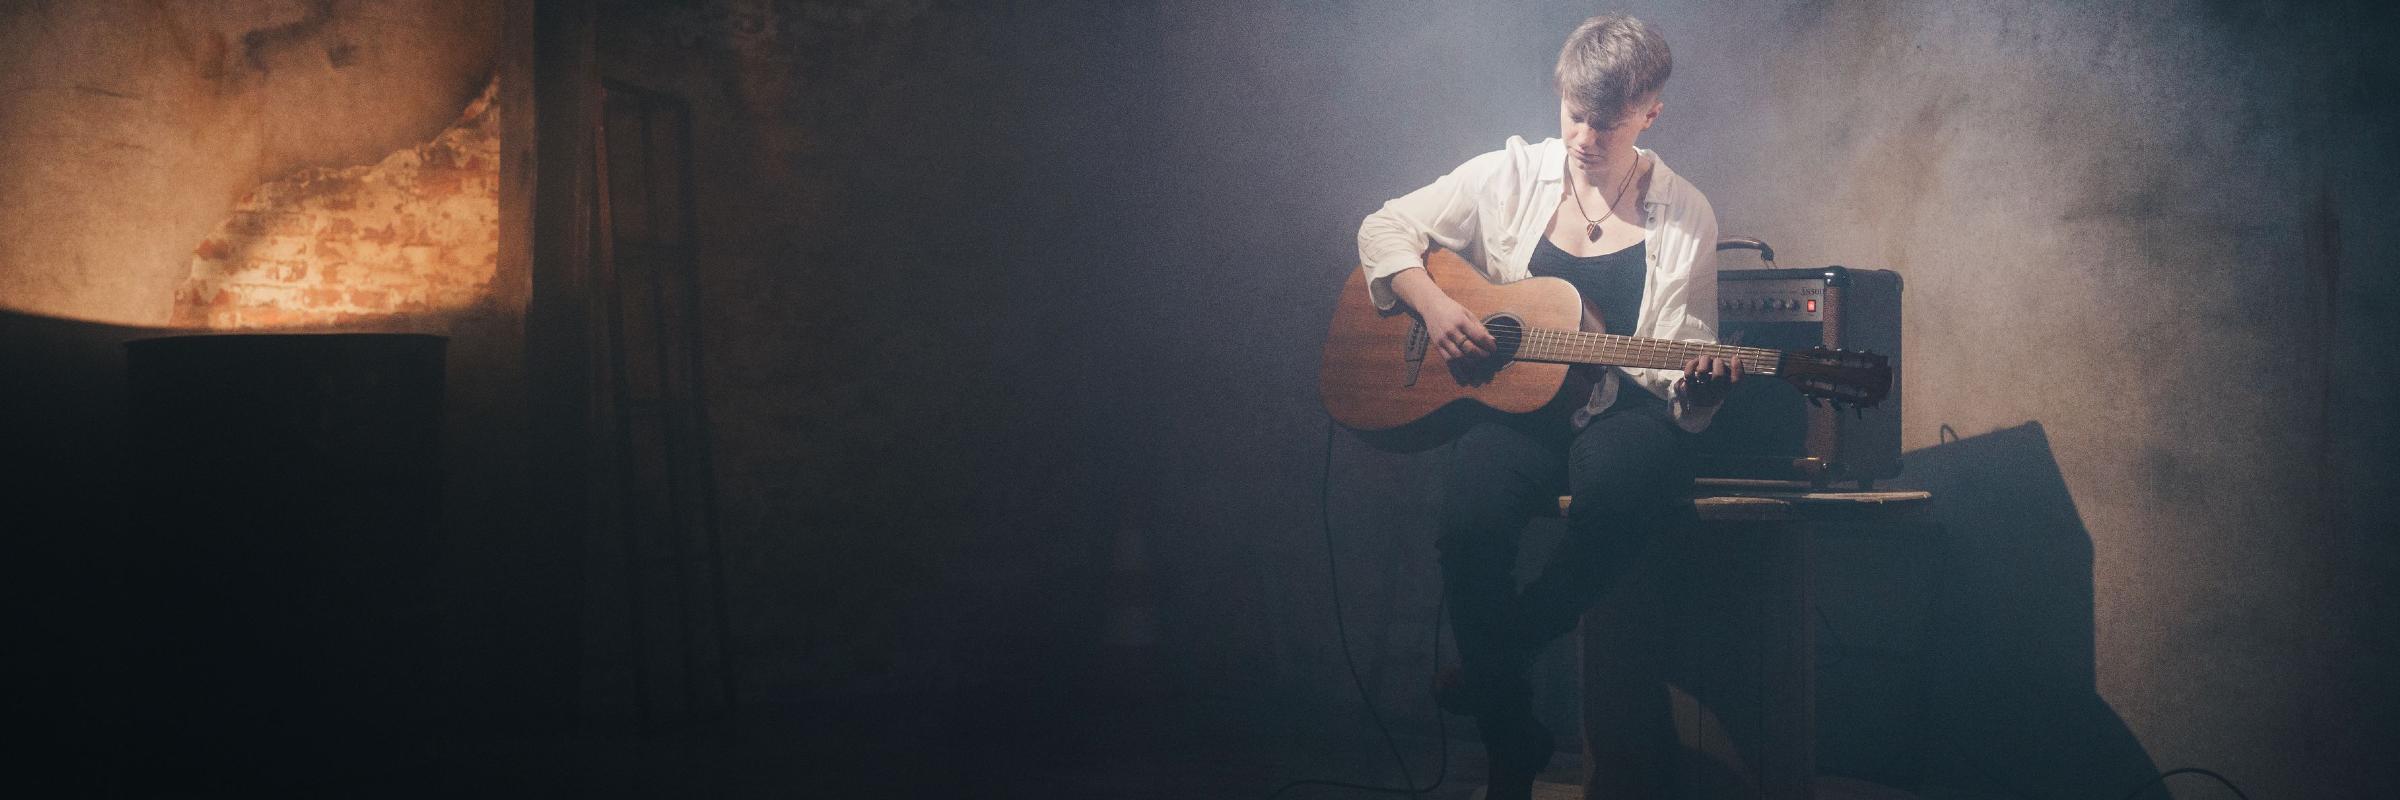 Enelos, musicien Rock en représentation à Doubs - photo de couverture n° 3